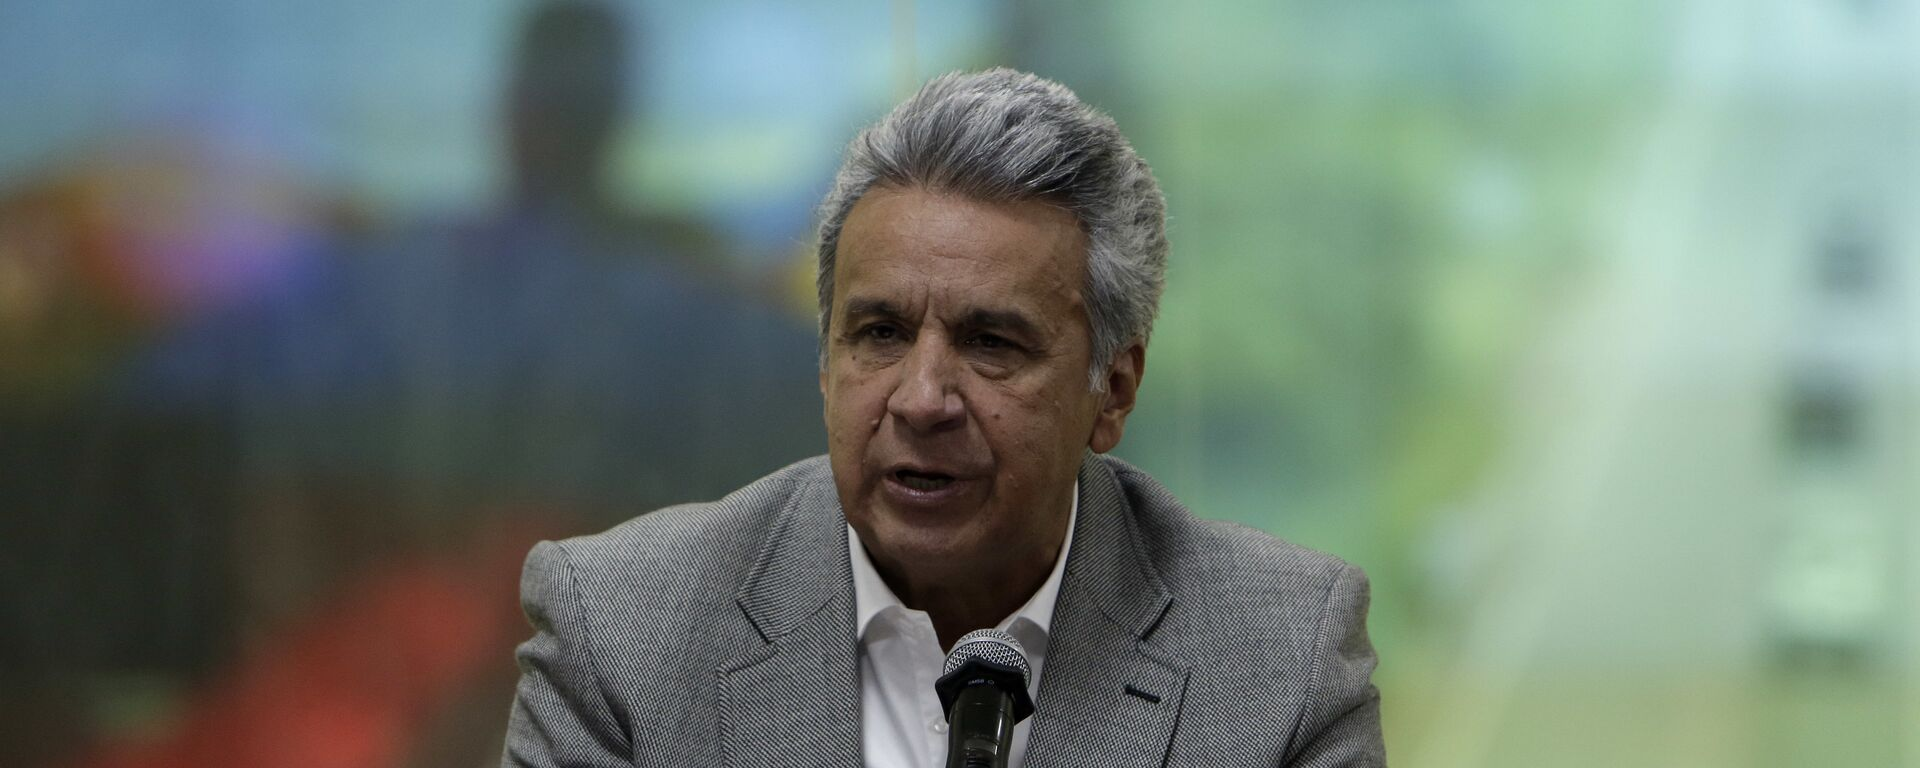 Lenín Moreno, presidente de Ecuador - Sputnik Mundo, 1920, 19.03.2021